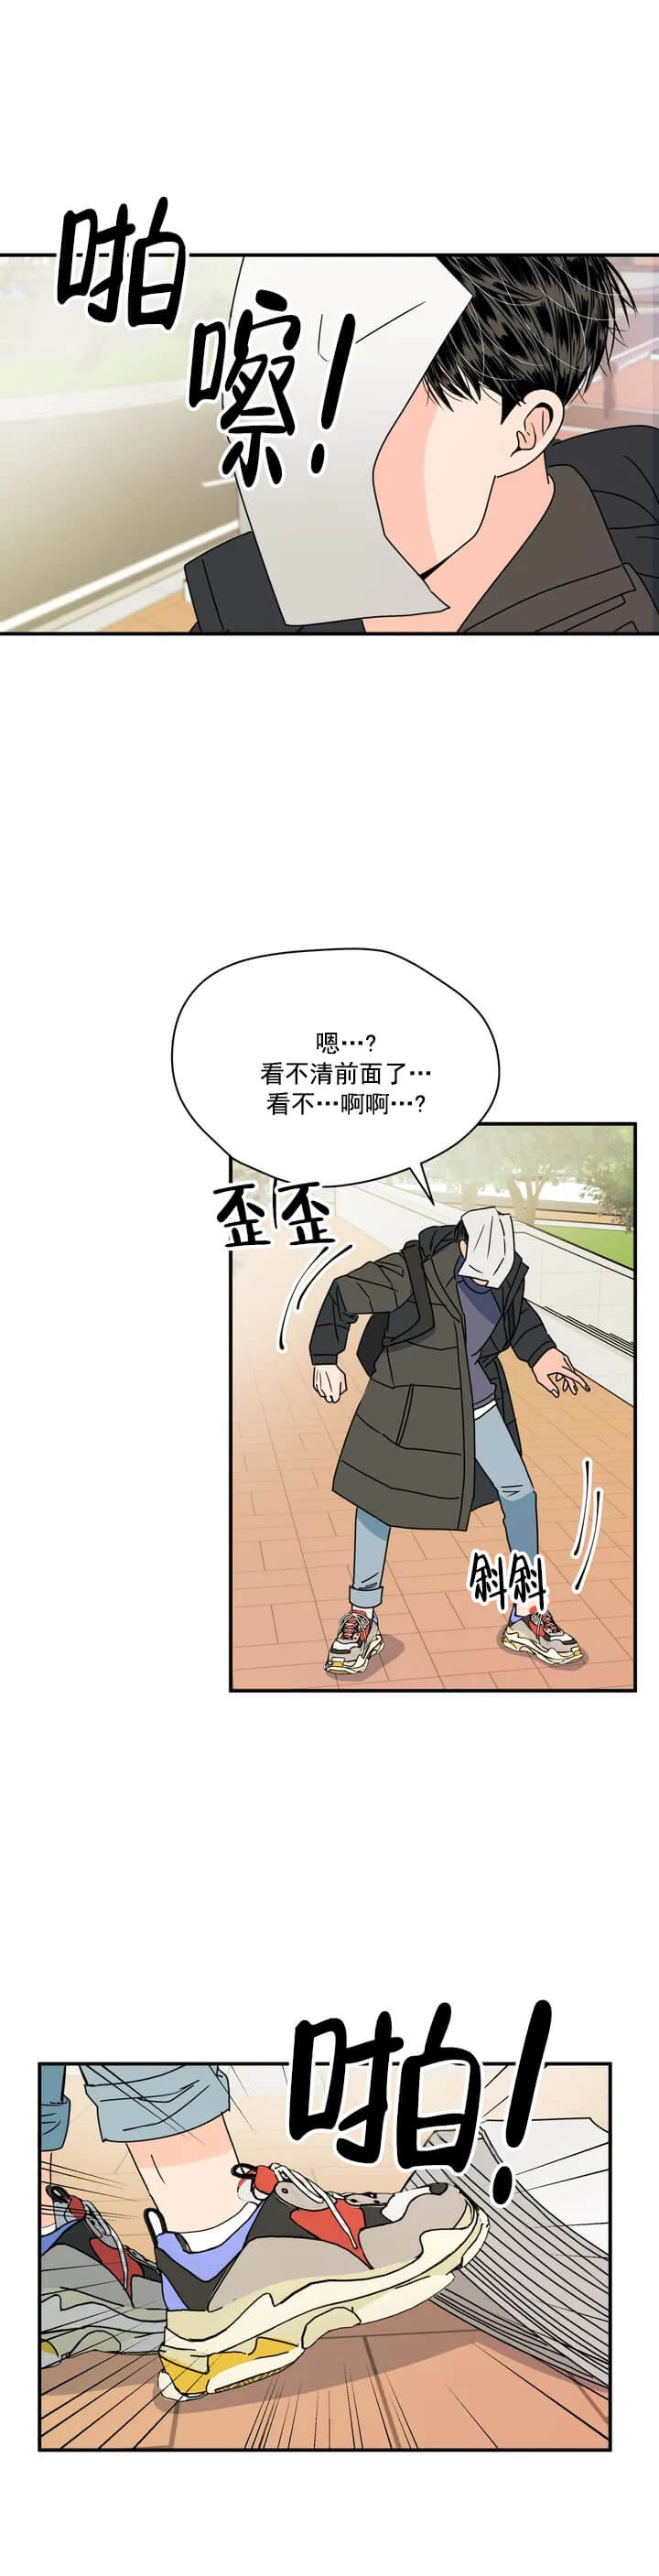 韩漫  《欲擒故纵》转角遇到帅气学长,却被他当做欲擒故纵  第13张